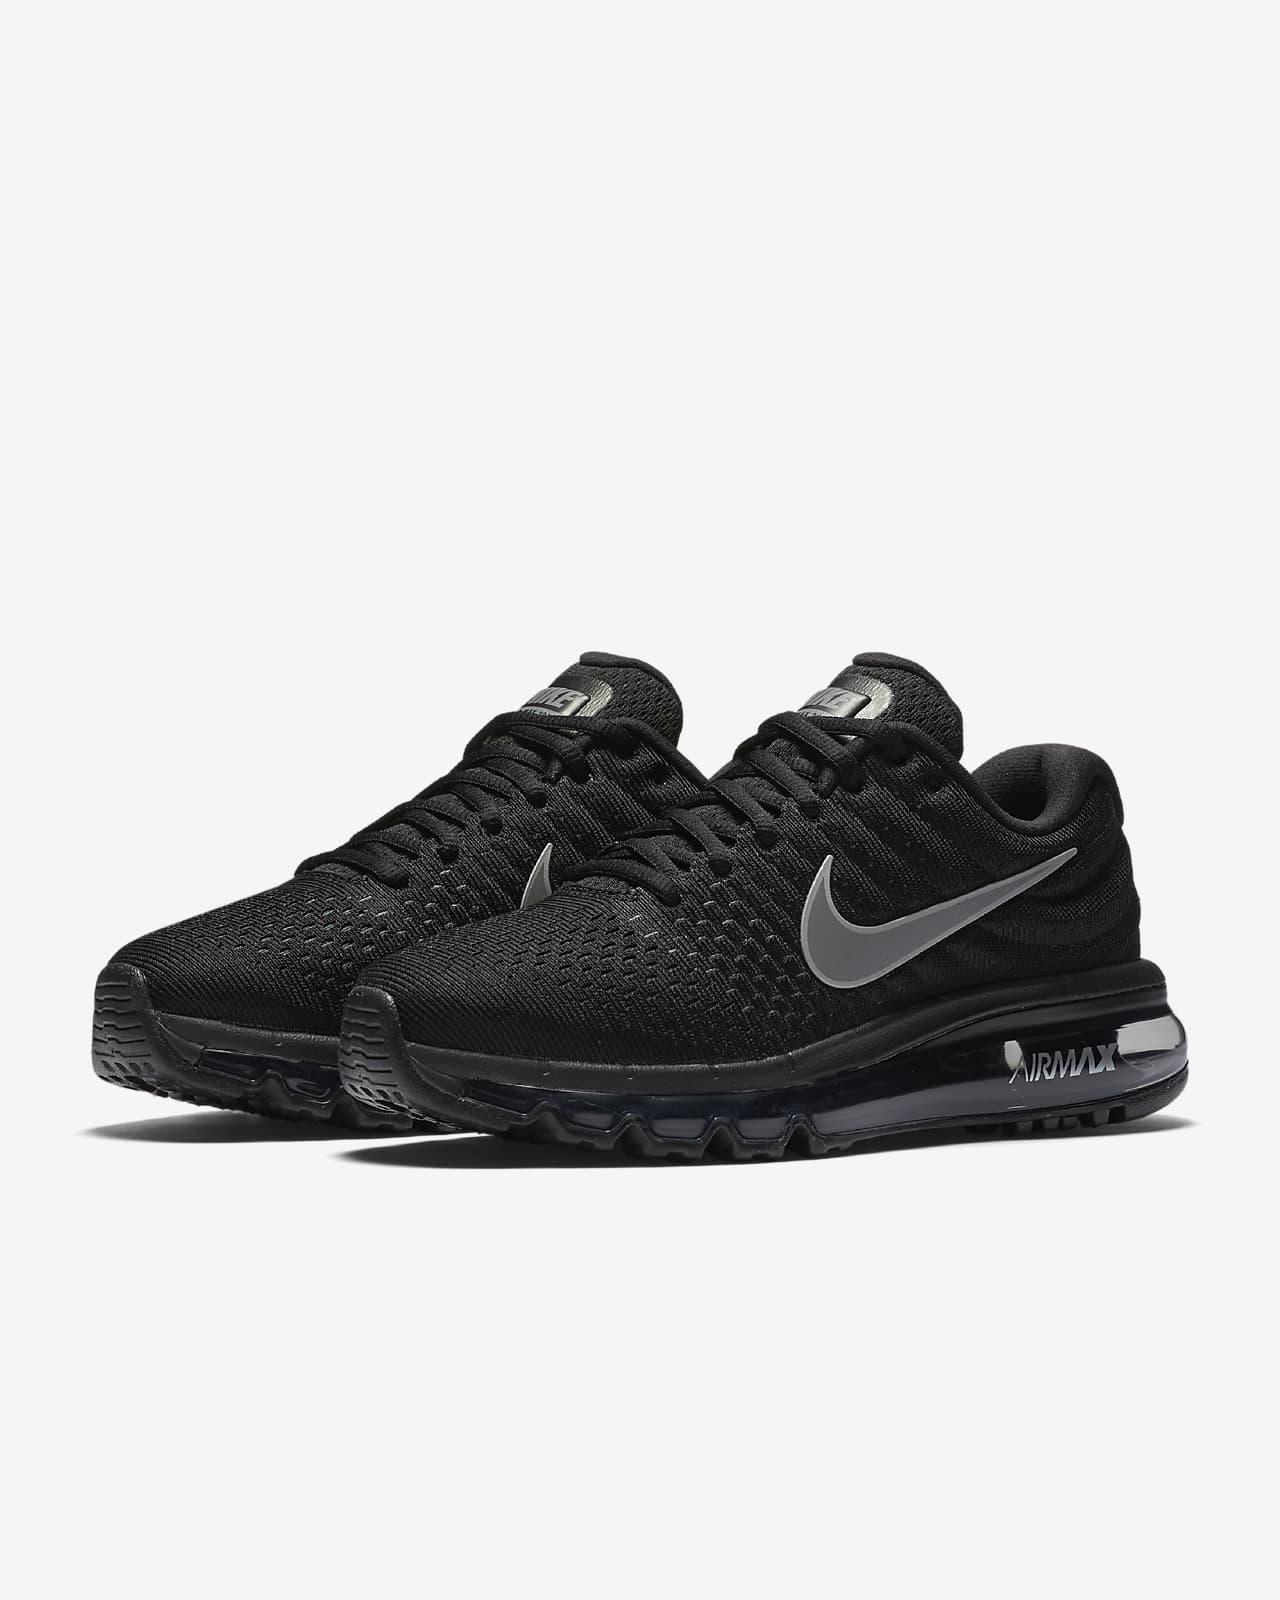 Nike Air Max 2017 Women's Shoe